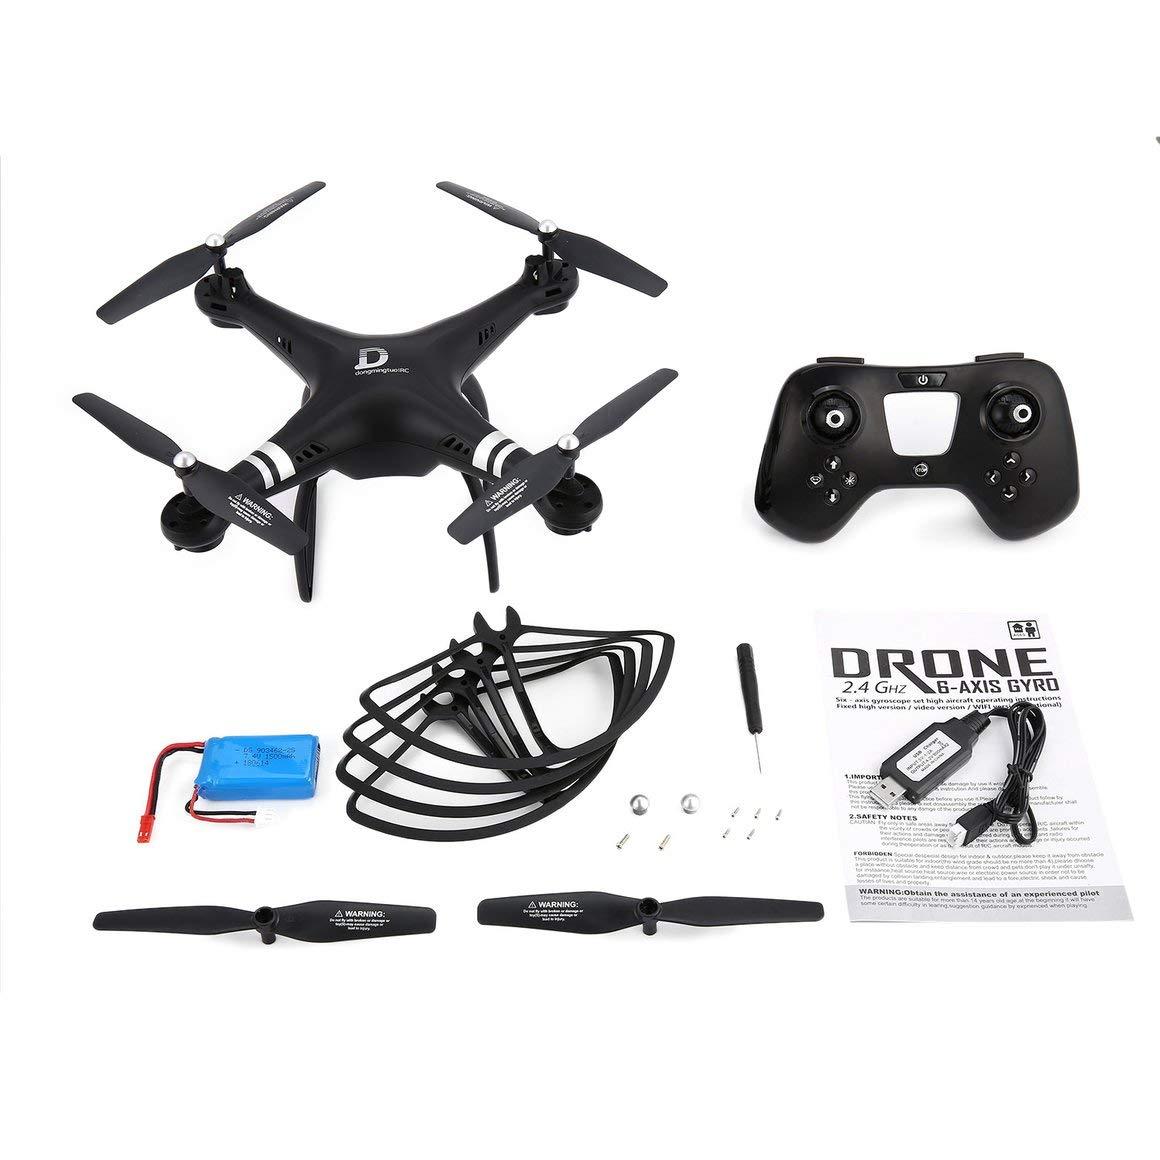 grandes ahorros Funnyrunstore X8 RC Drone 2.4G Quadcopter Aviones no no no tripulados con Altitude Hold One Key Return Modo sin Cabeza 3D voltea 22 Minutos de Vuelo Largo (Negro)  primera vez respuesta